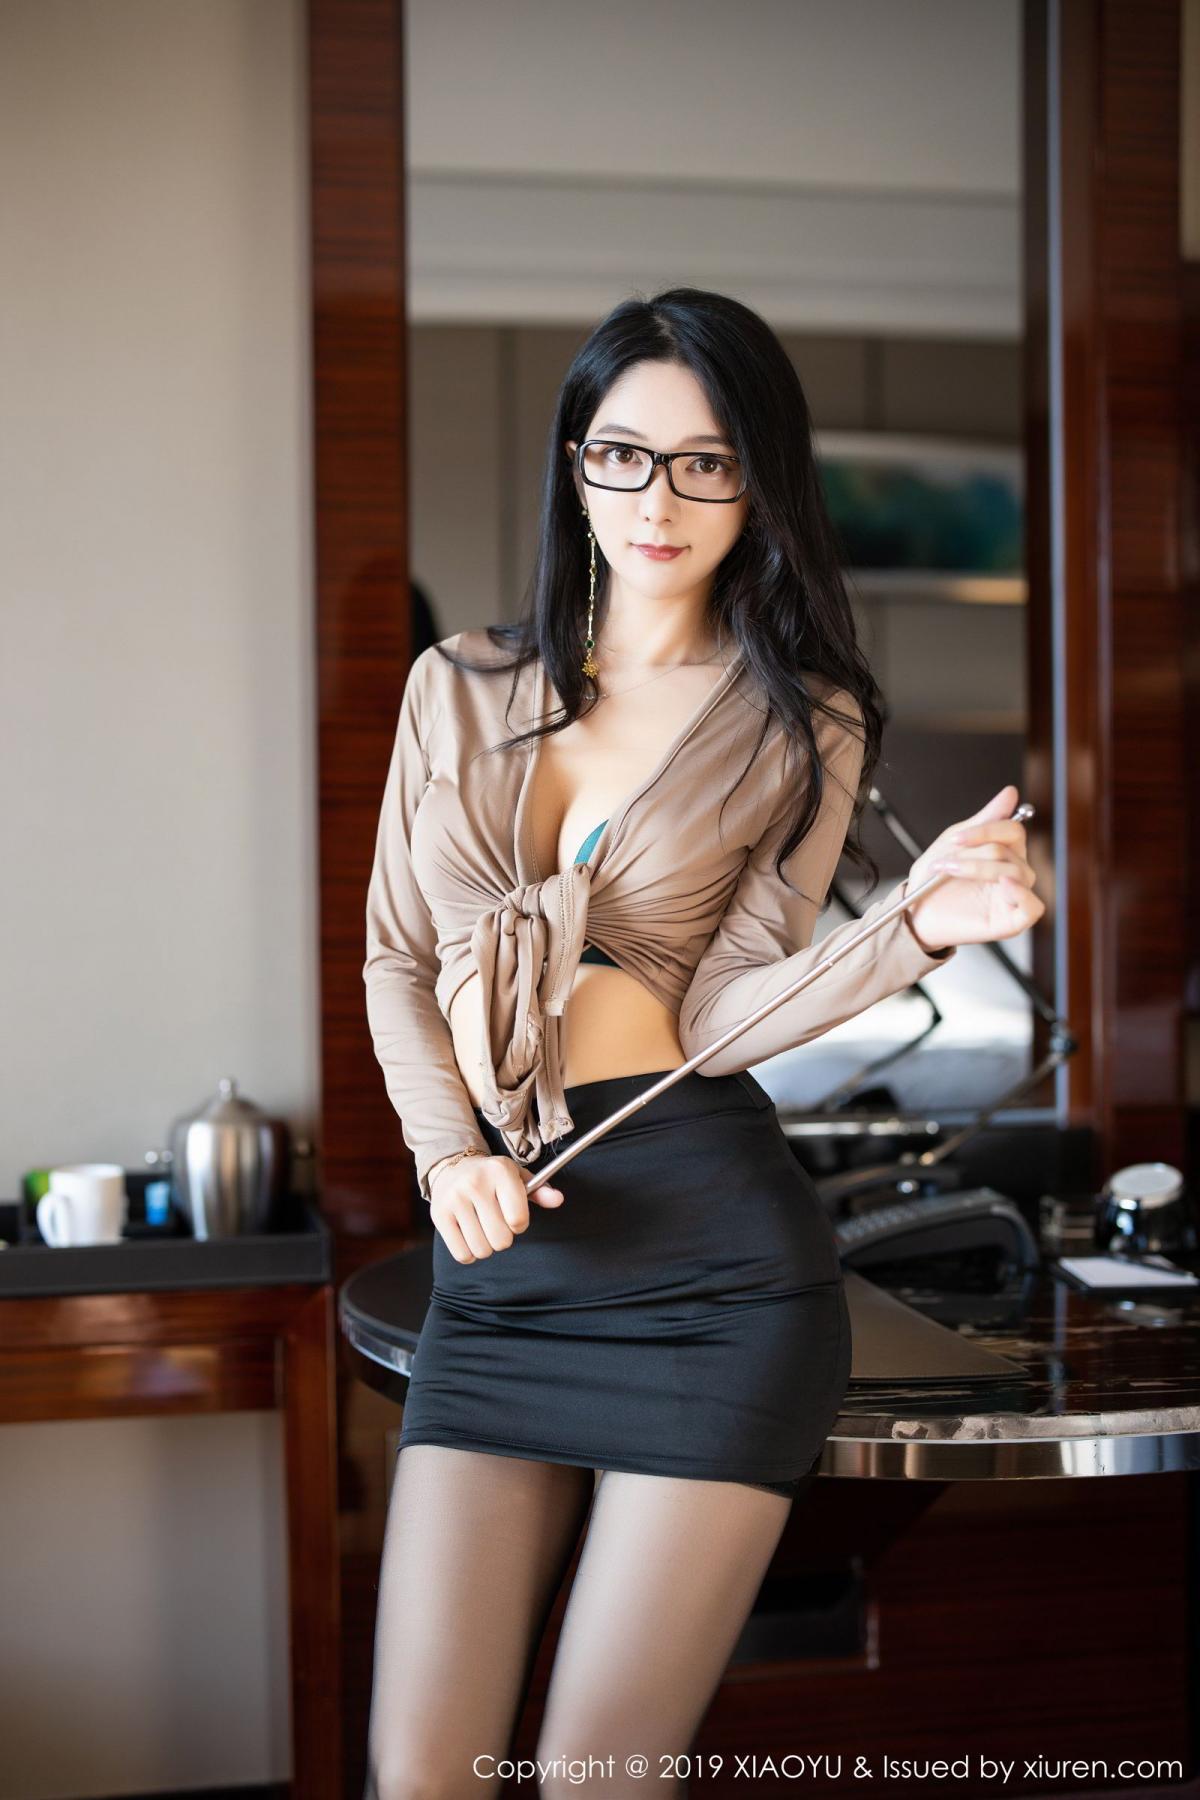 [XiaoYu] Vol.154 Di Yi 1P, Black Silk, Di Yi, Underwear, XiaoYu